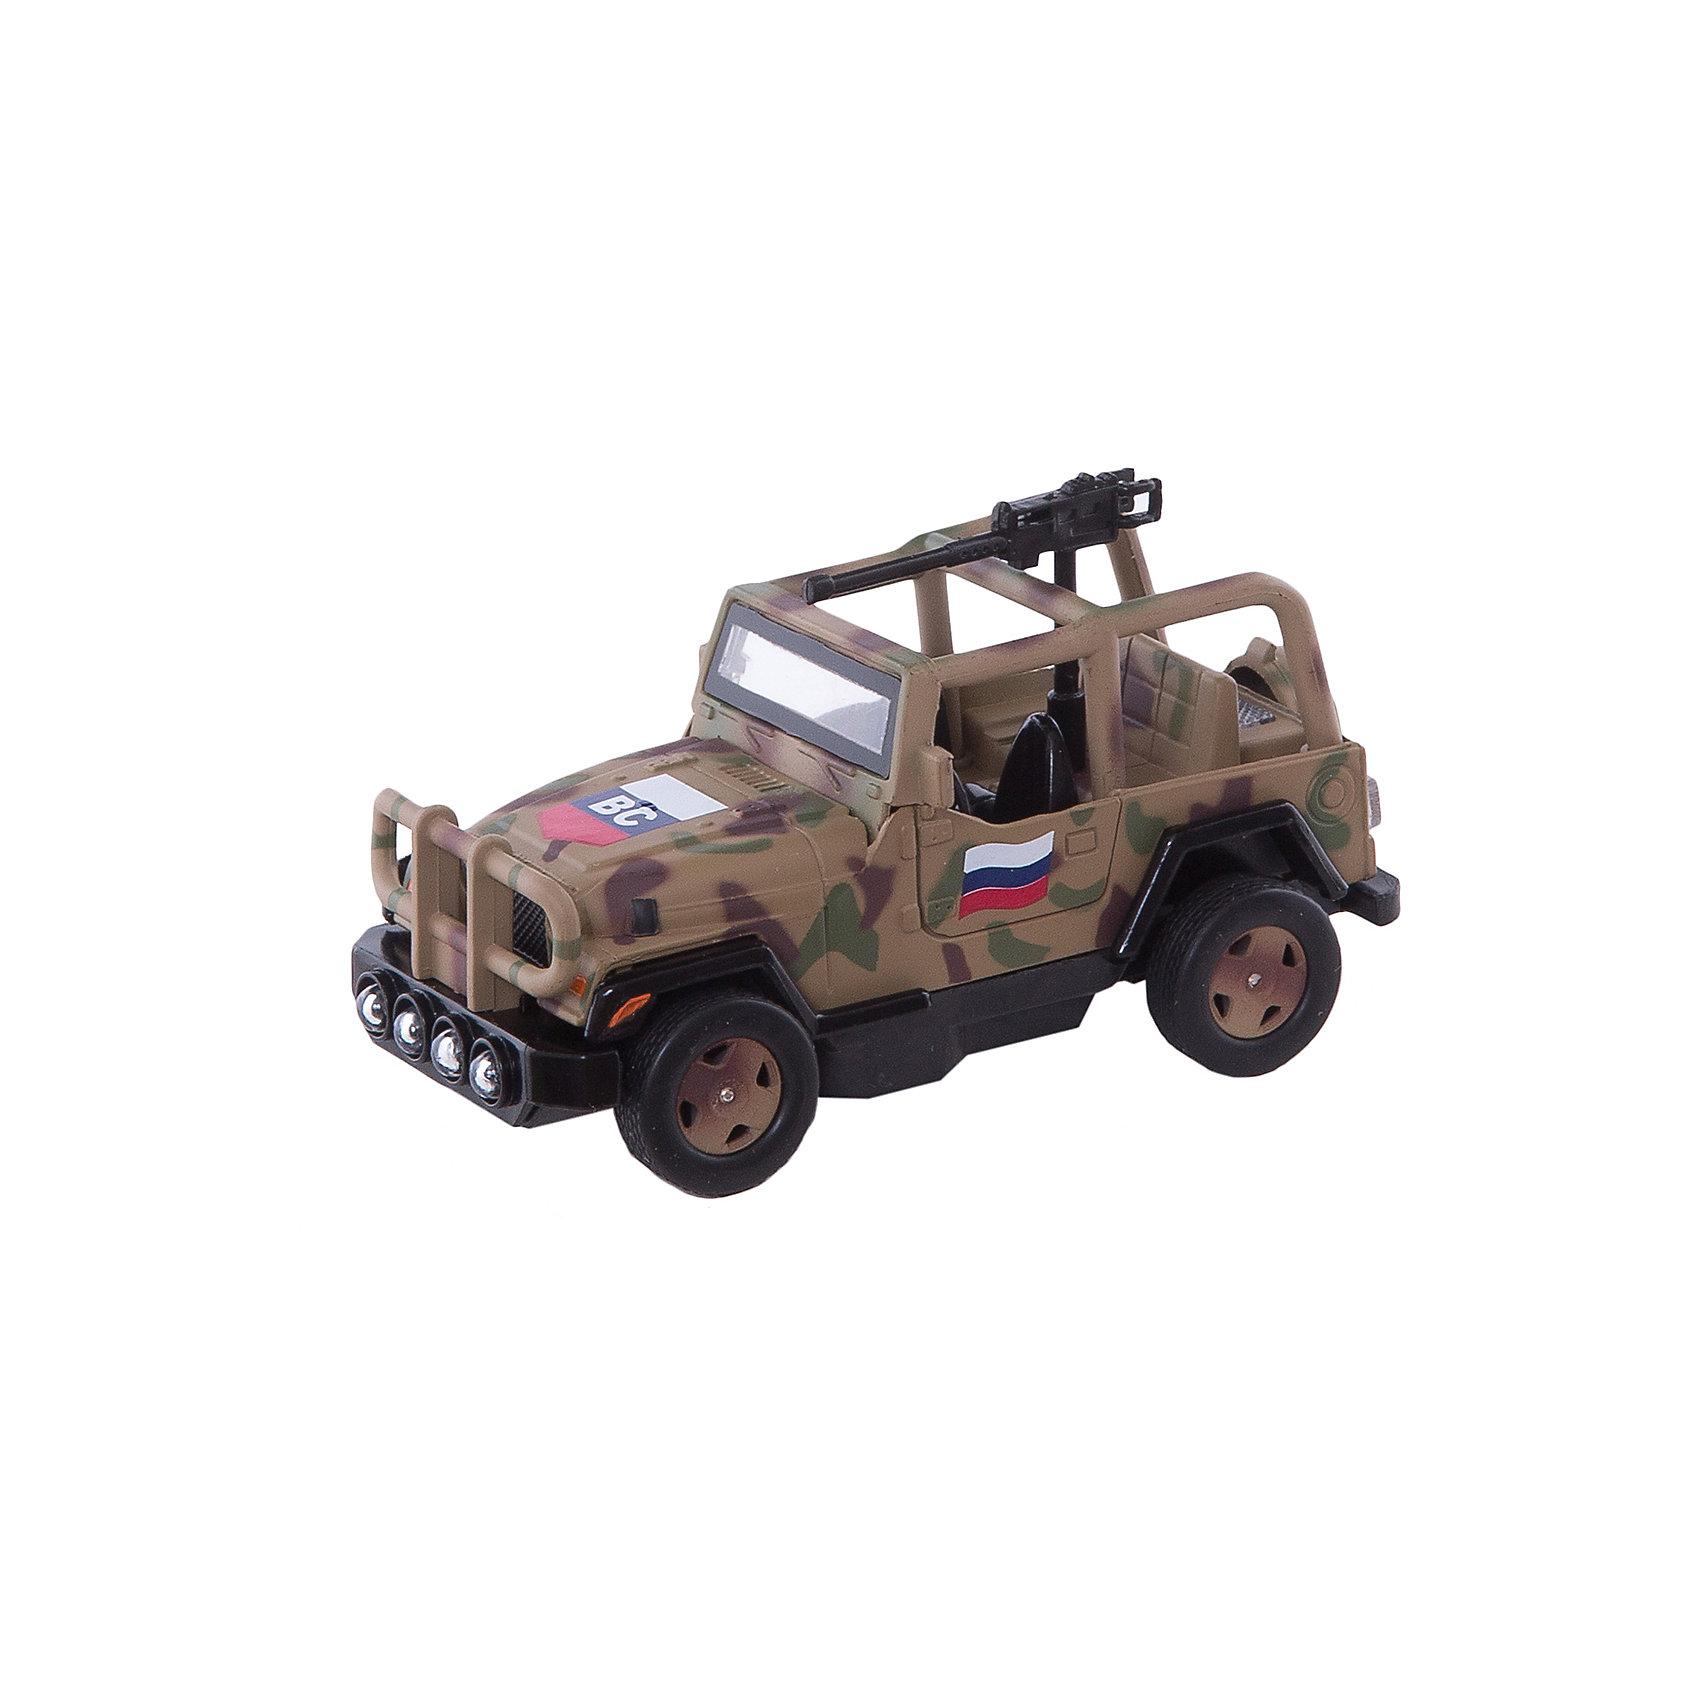 ТЕХНОПАРК ТЕХНОПАРК Военный Внедорожник s s toys 80083ear военный внедорожник